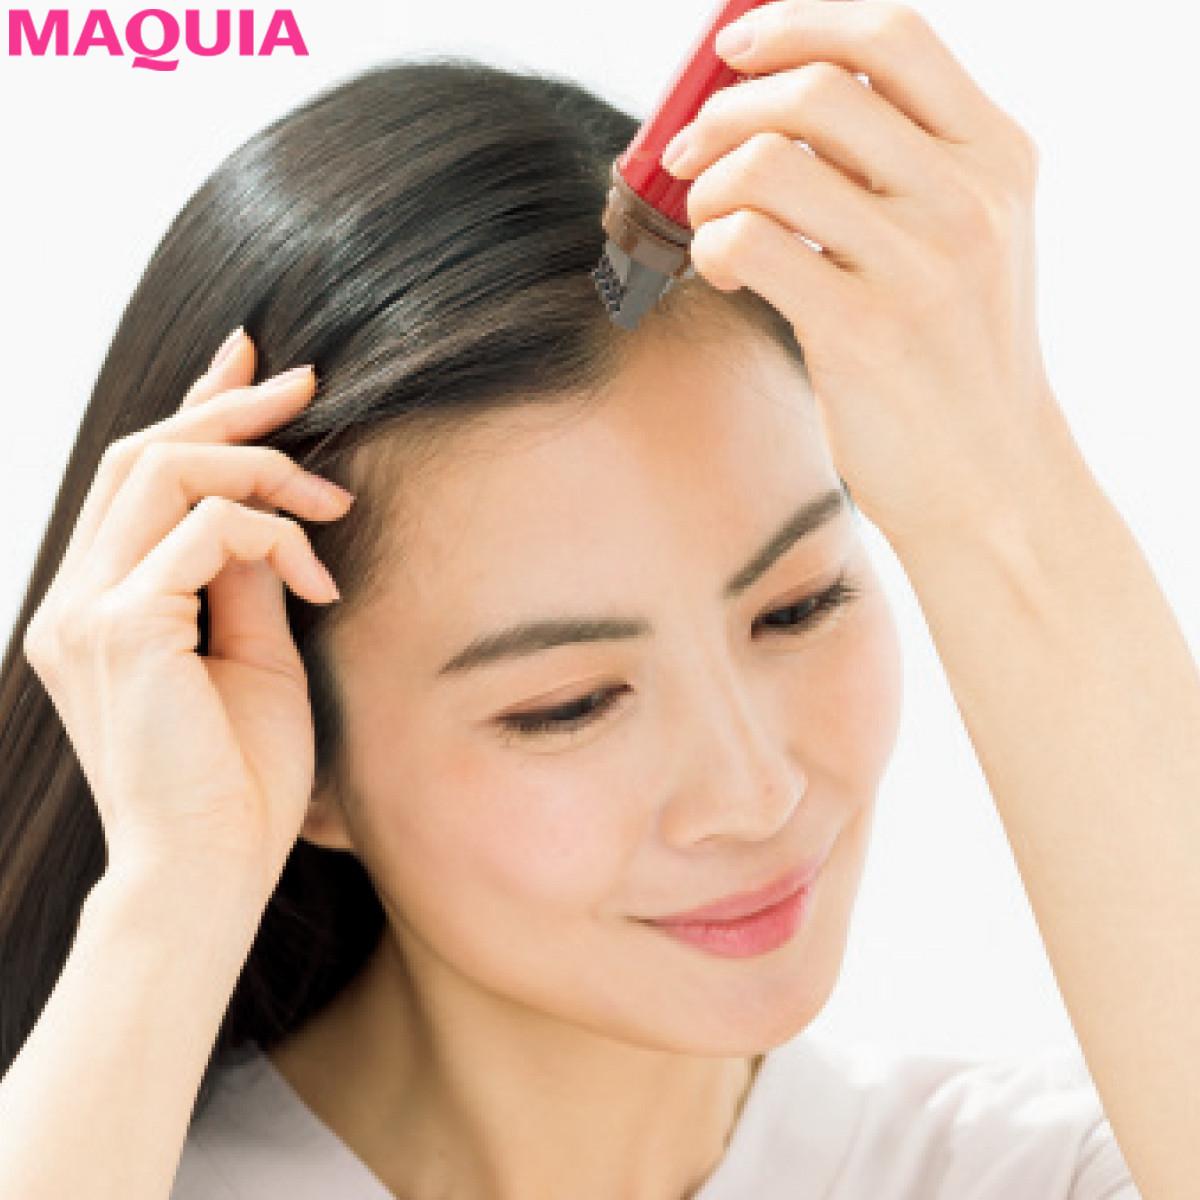 目立つ「白髪」をなんとかしたい! 髪のプロが教える予防法と隠し方のテクニック